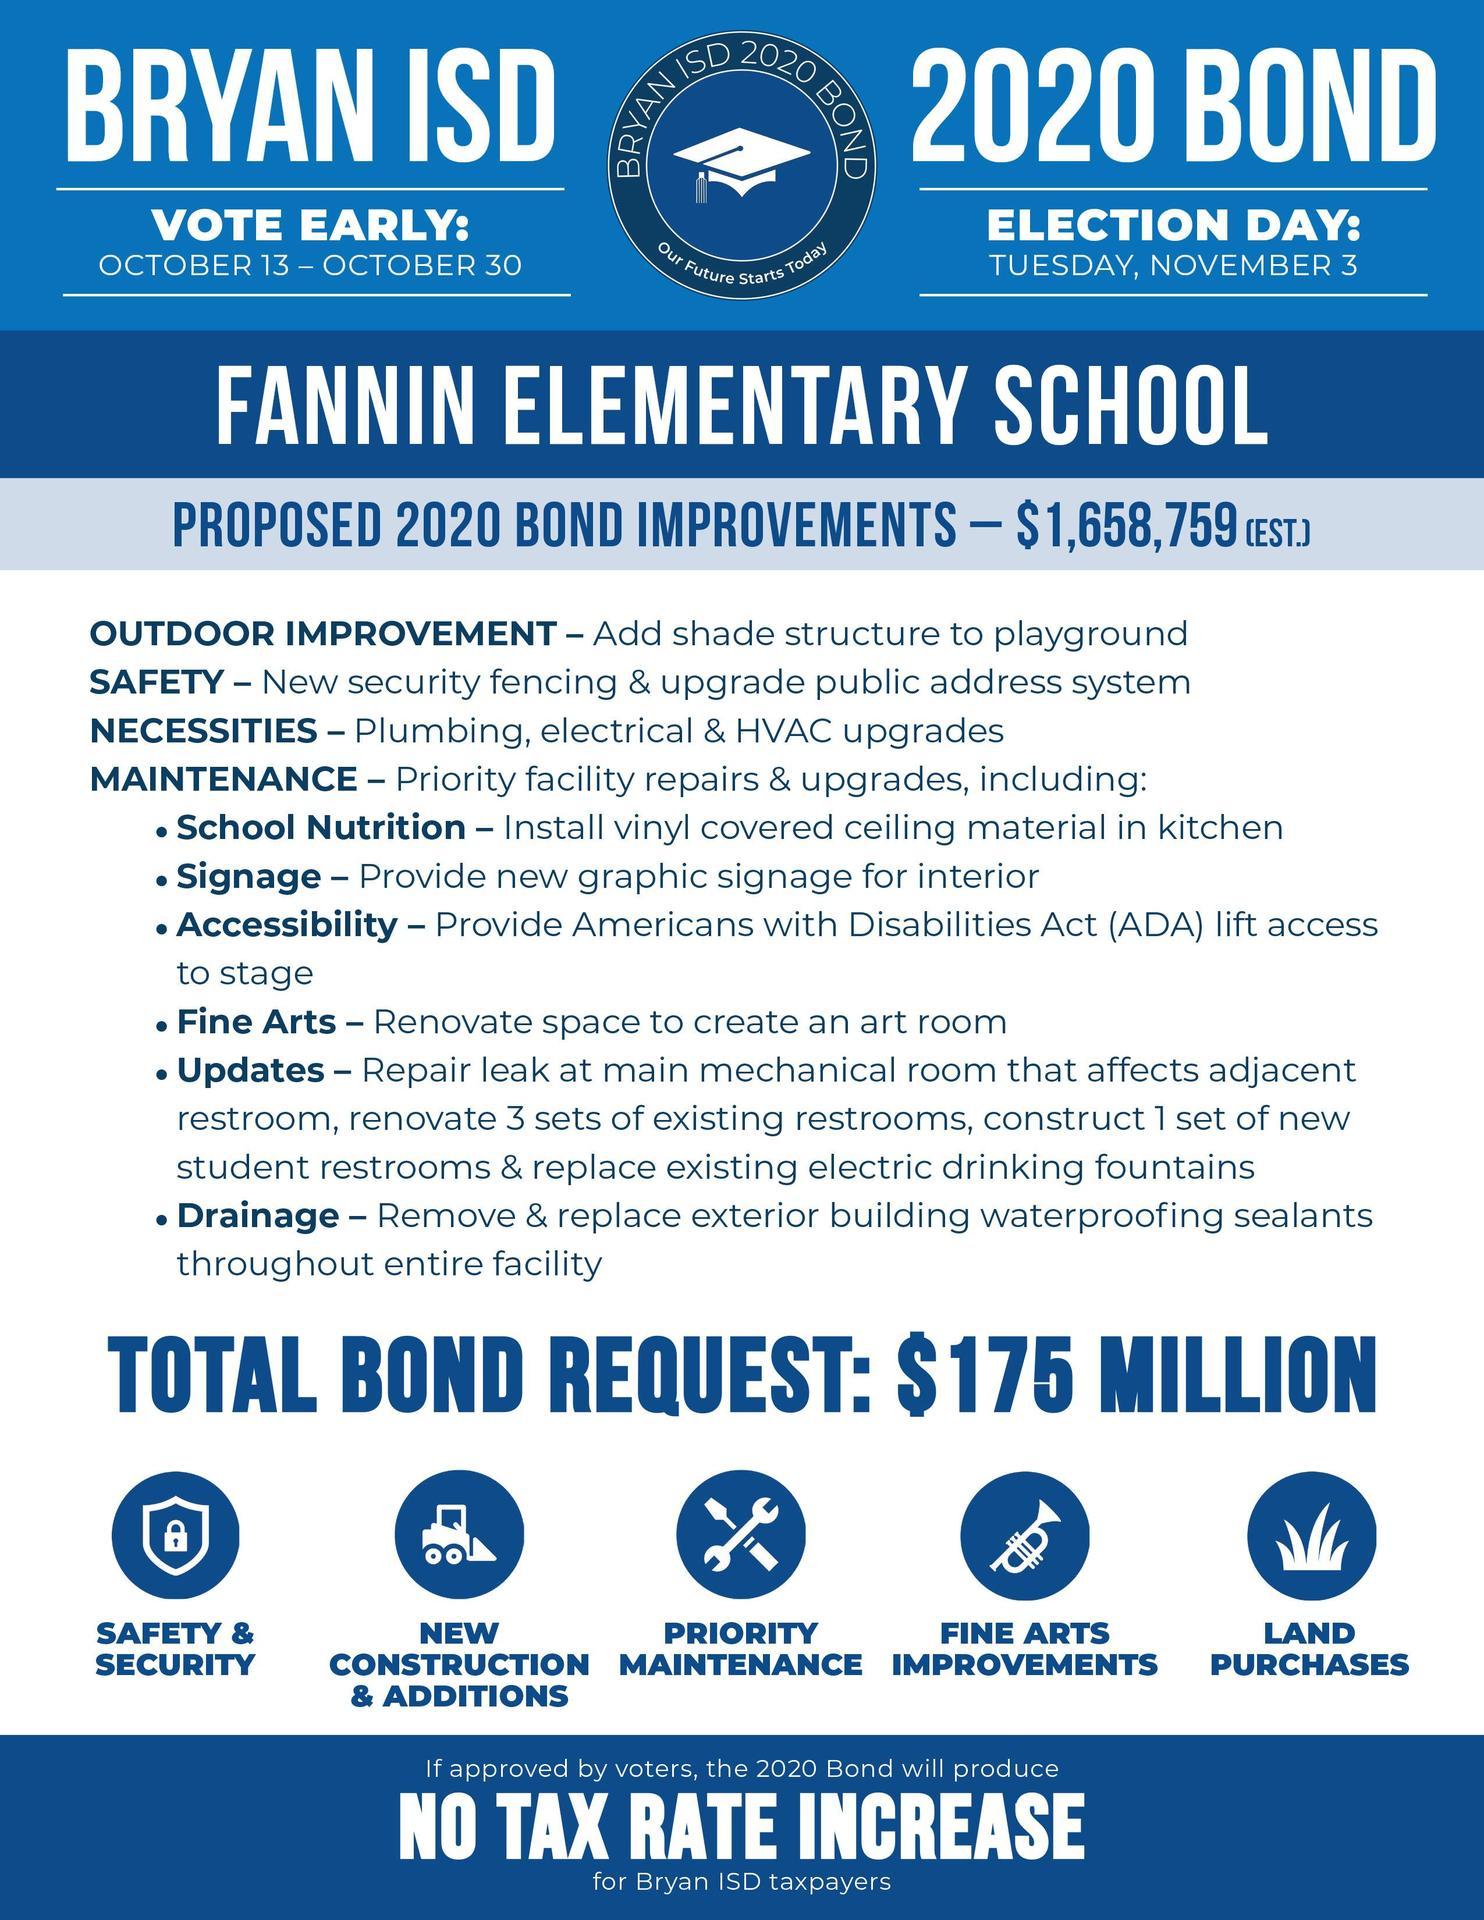 Fannin Elementary School Bond Information